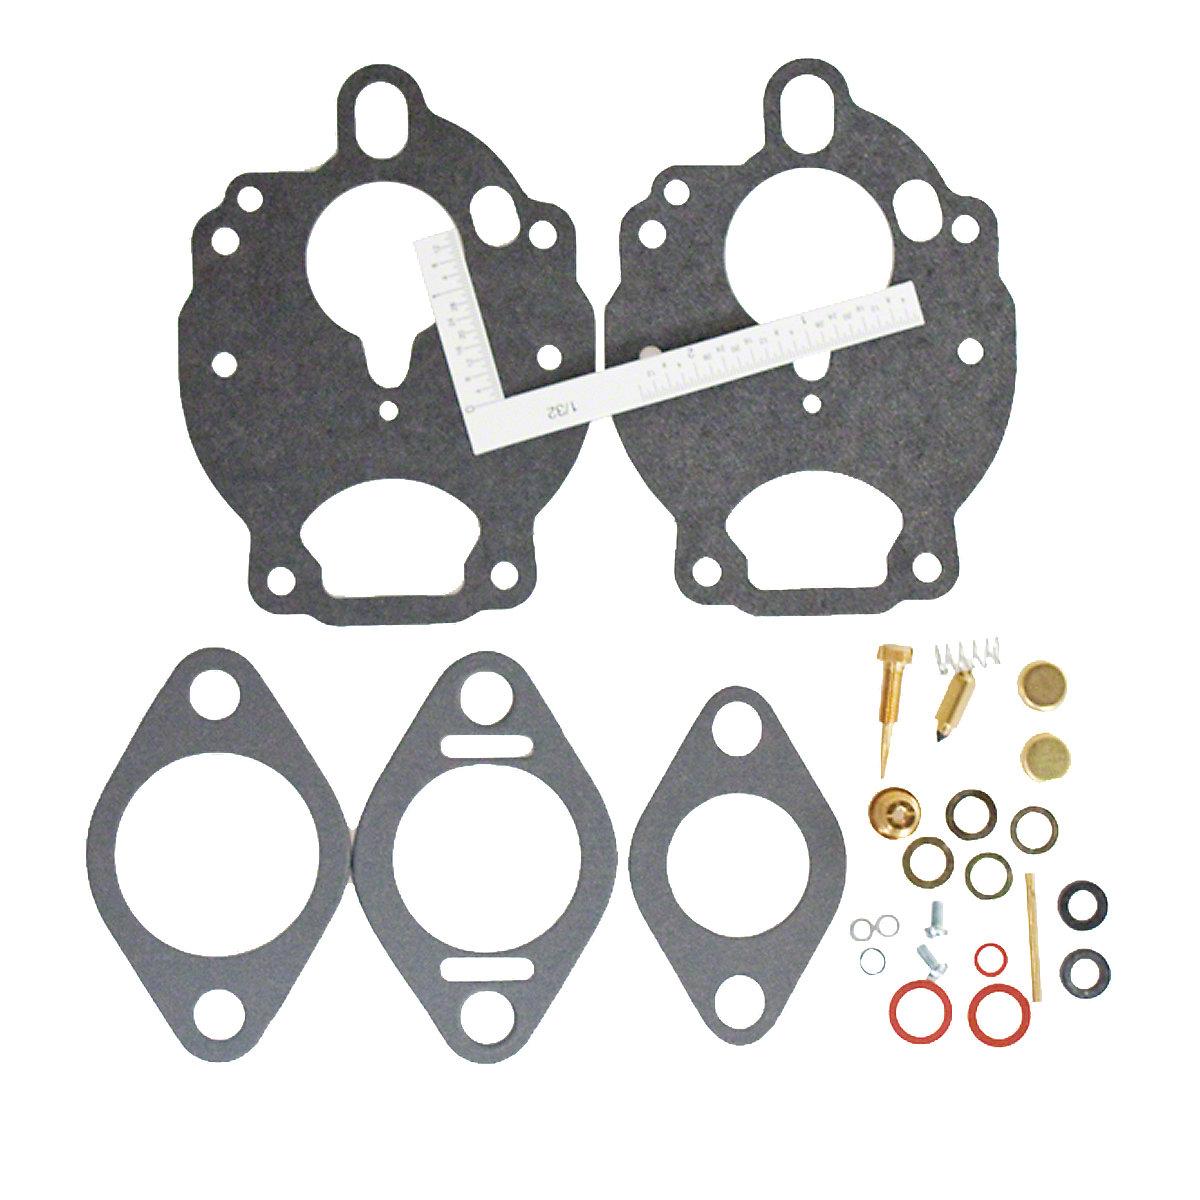 Zenith Economy Carburetor Kit For Massey Ferguson: 135, 165, 175, 180, 235, 255, 265, 65, 245.